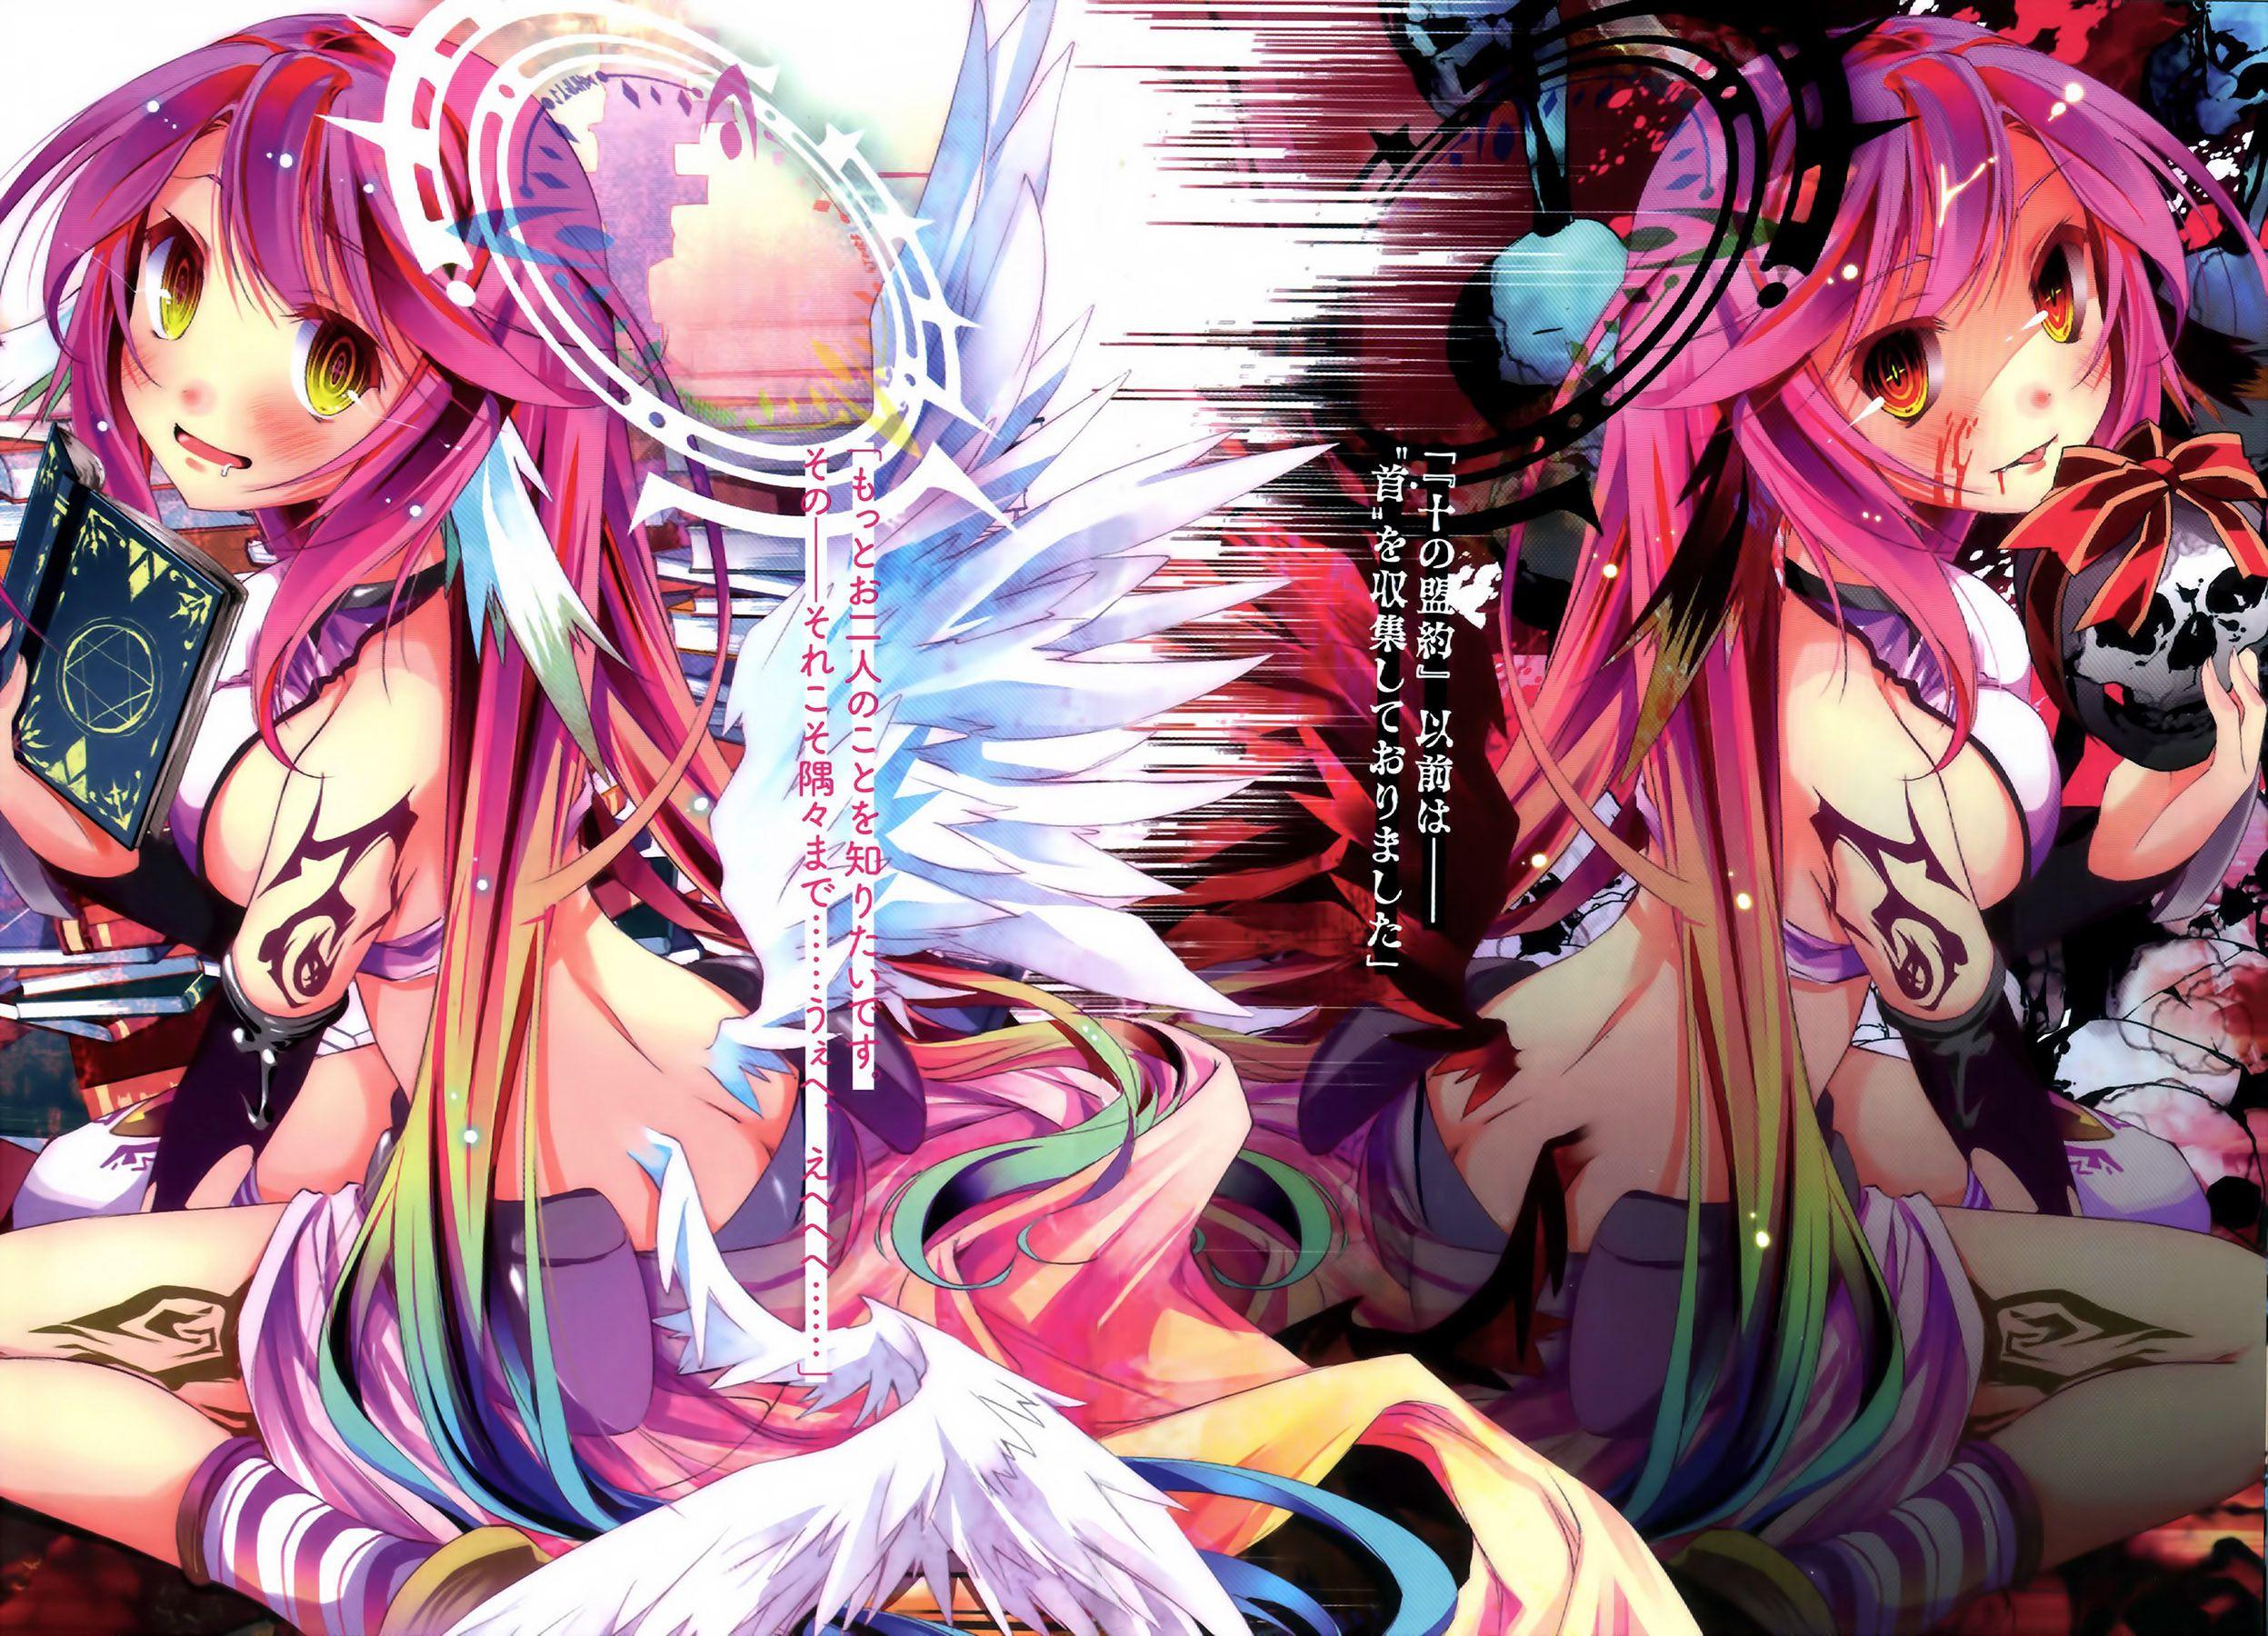 No Game No Life Jibril Anime Tattoos Jpg 2495 1800 No Game No Life Anime Anime Films